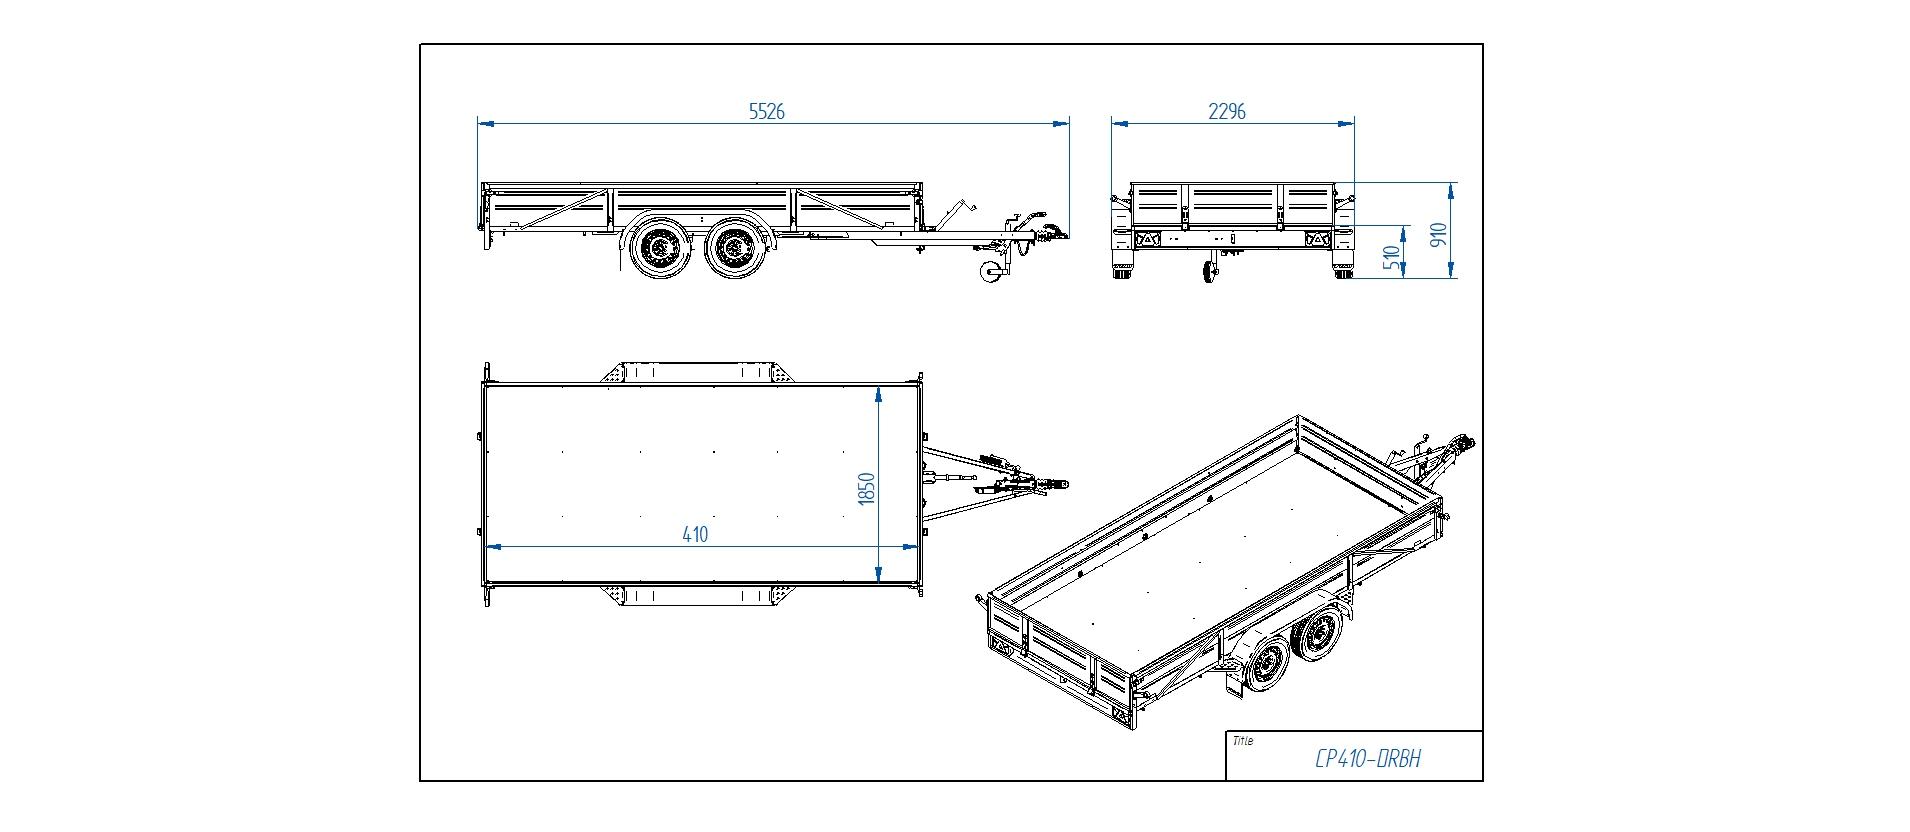 CP410-DRBH 2100kg  [Priekabų standartinė įranga gali skirtis nuo pavaizduotos komplektacijos paveiksliuke]